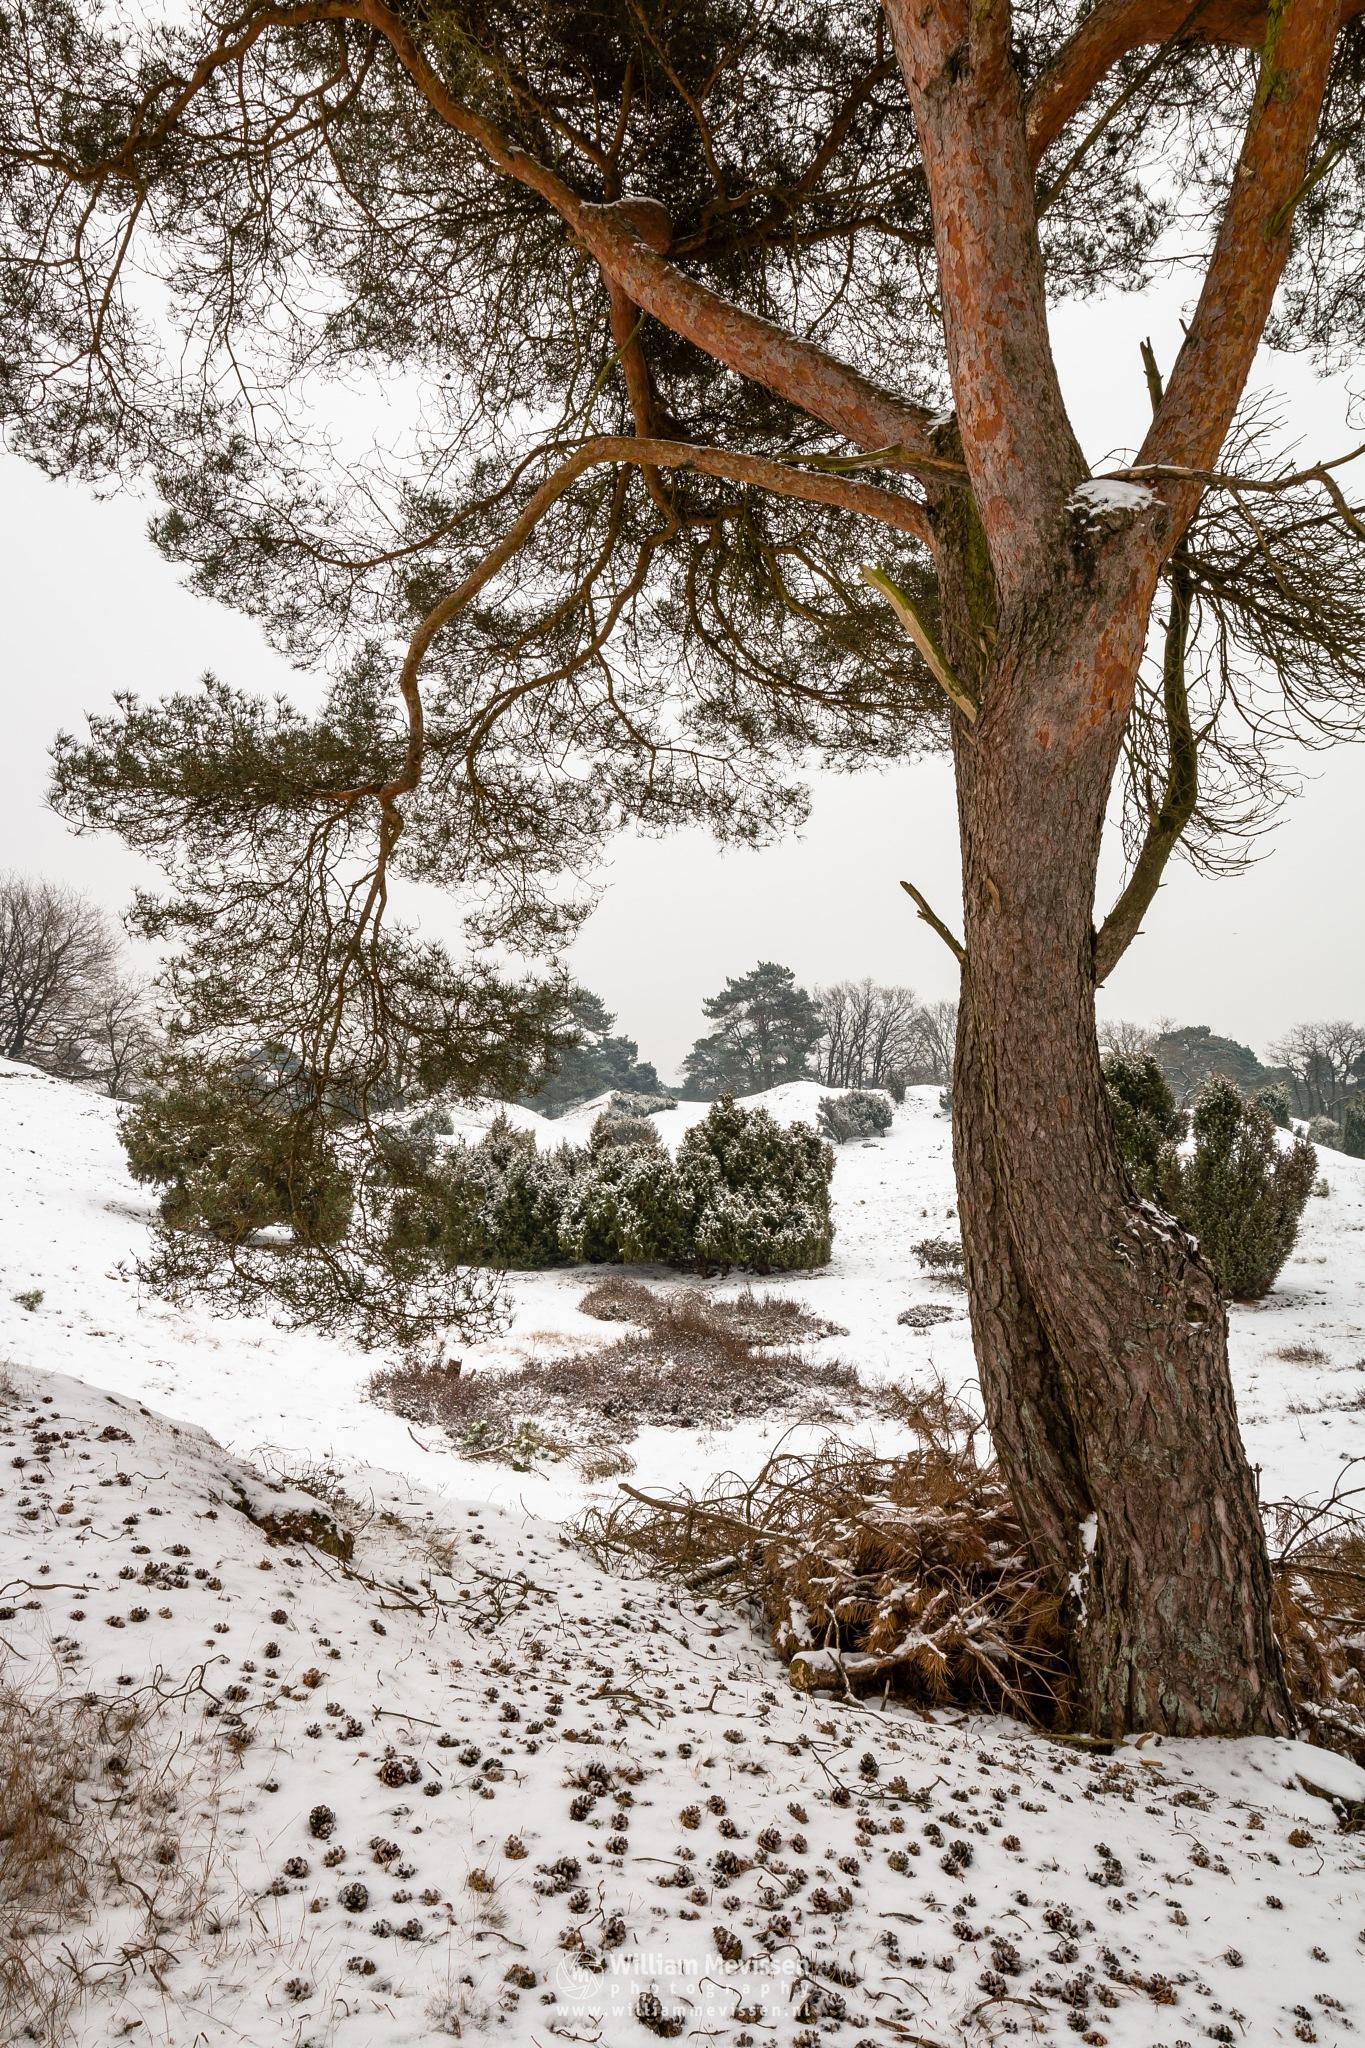 White Winter Tree View by William Mevissen